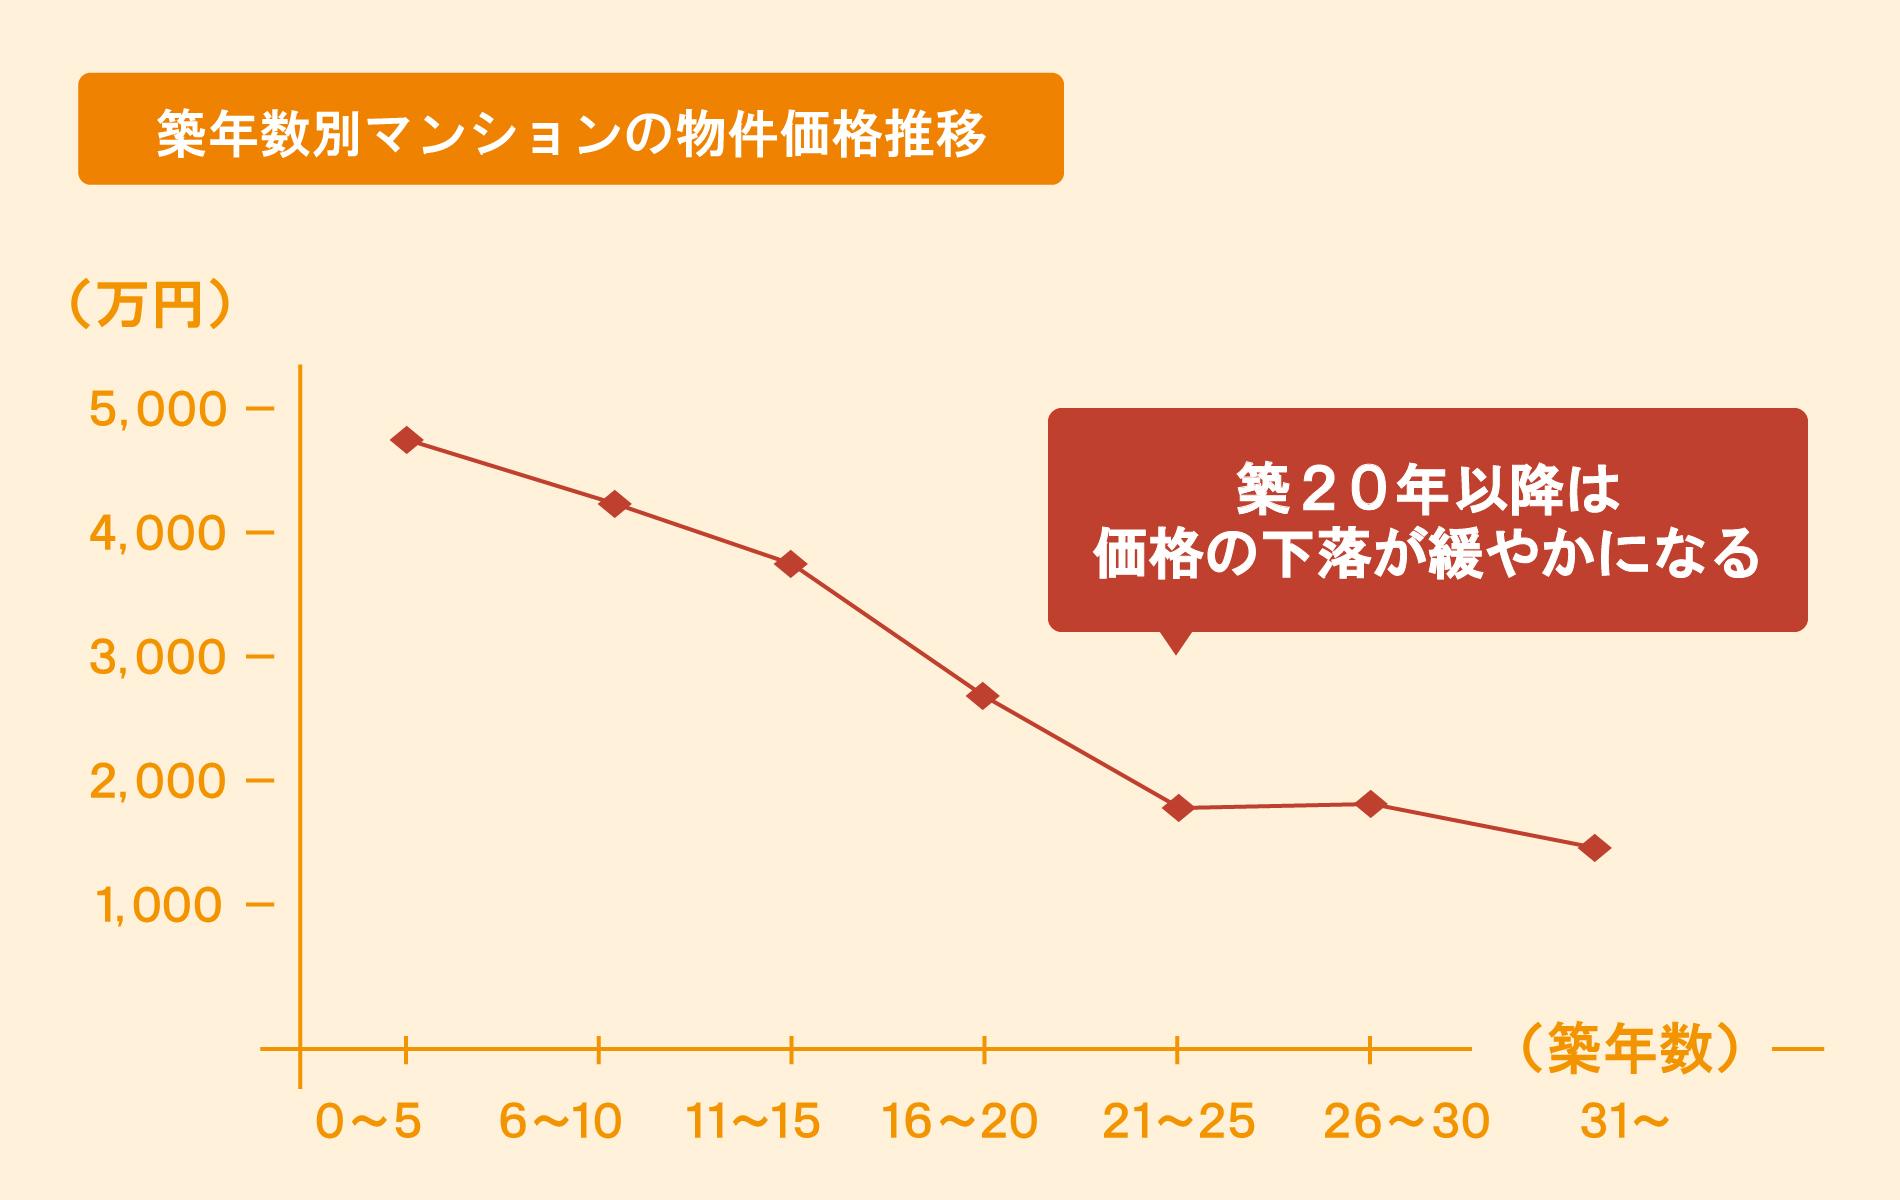 築年数別マンションの物件価格推移の折れ線グラフ:築0~5年は4000万円台だが、築年数が経つにつれ価格が下落していき、築20年を過ぎたあたりから2000万円台になり、それ以降価格の下落は緩やかになる